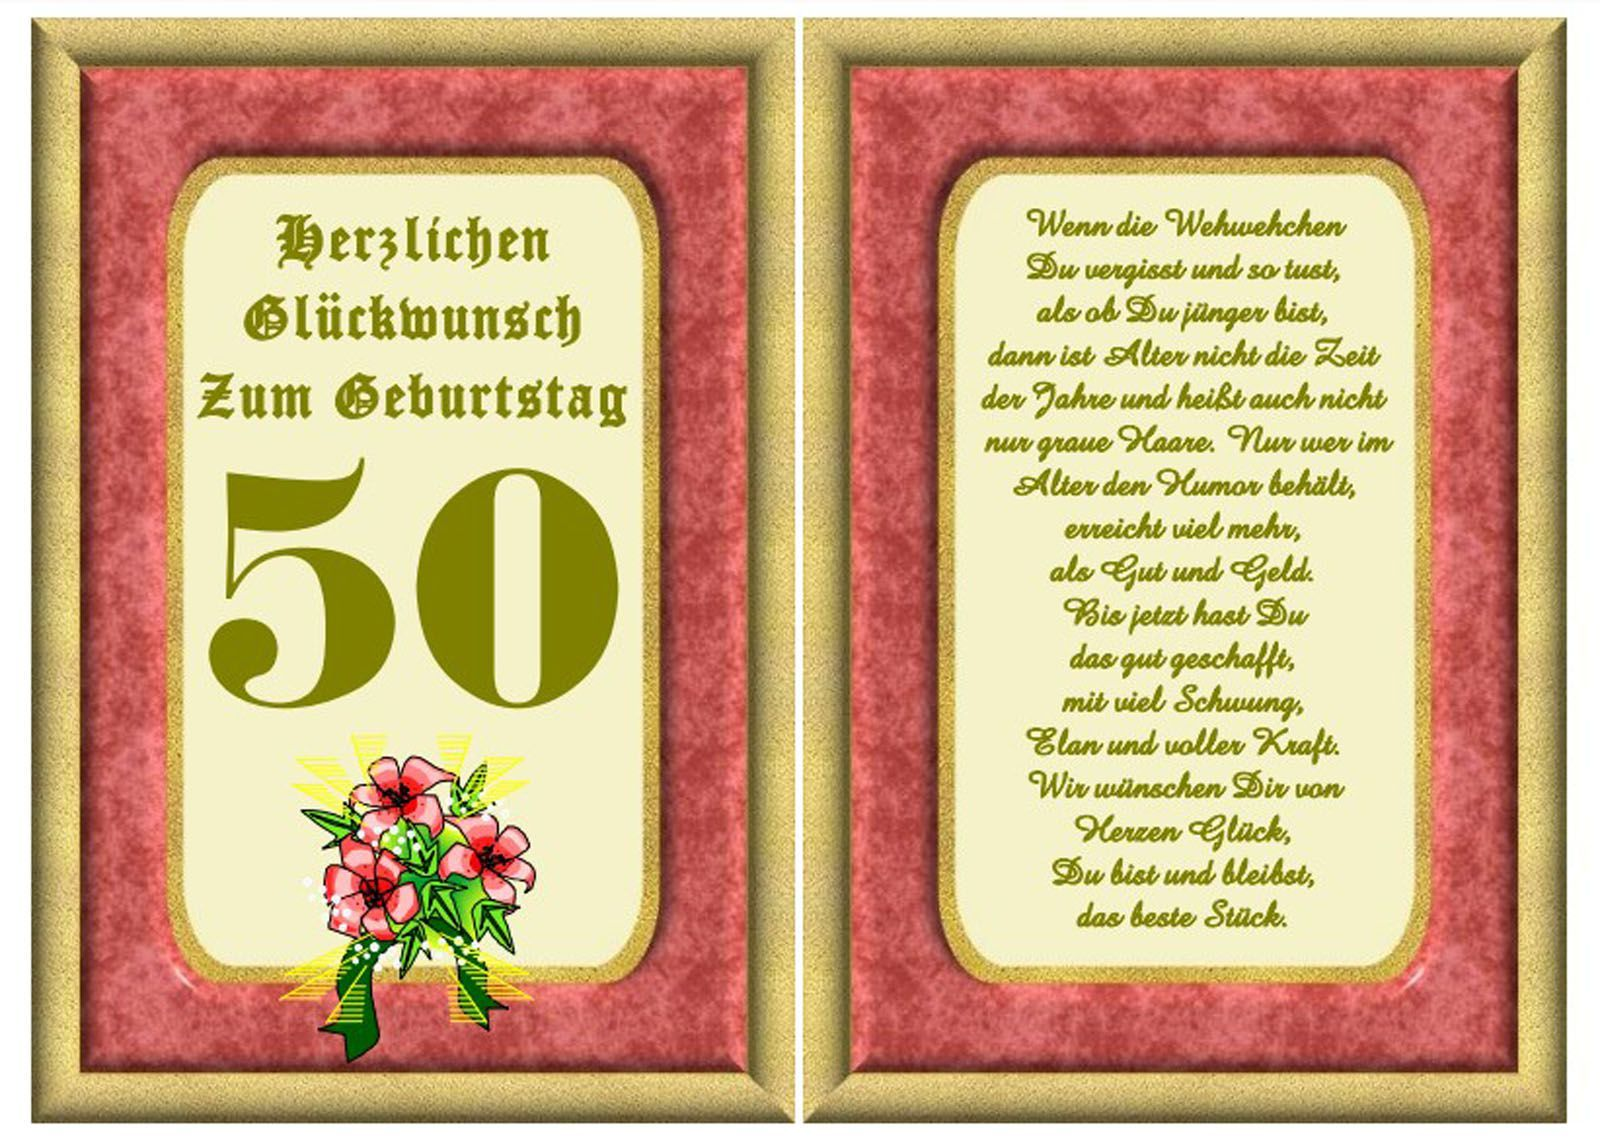 einladung geburtstag 50 bayerisch | einladungen geburtstag | pinterest, Kreative einladungen